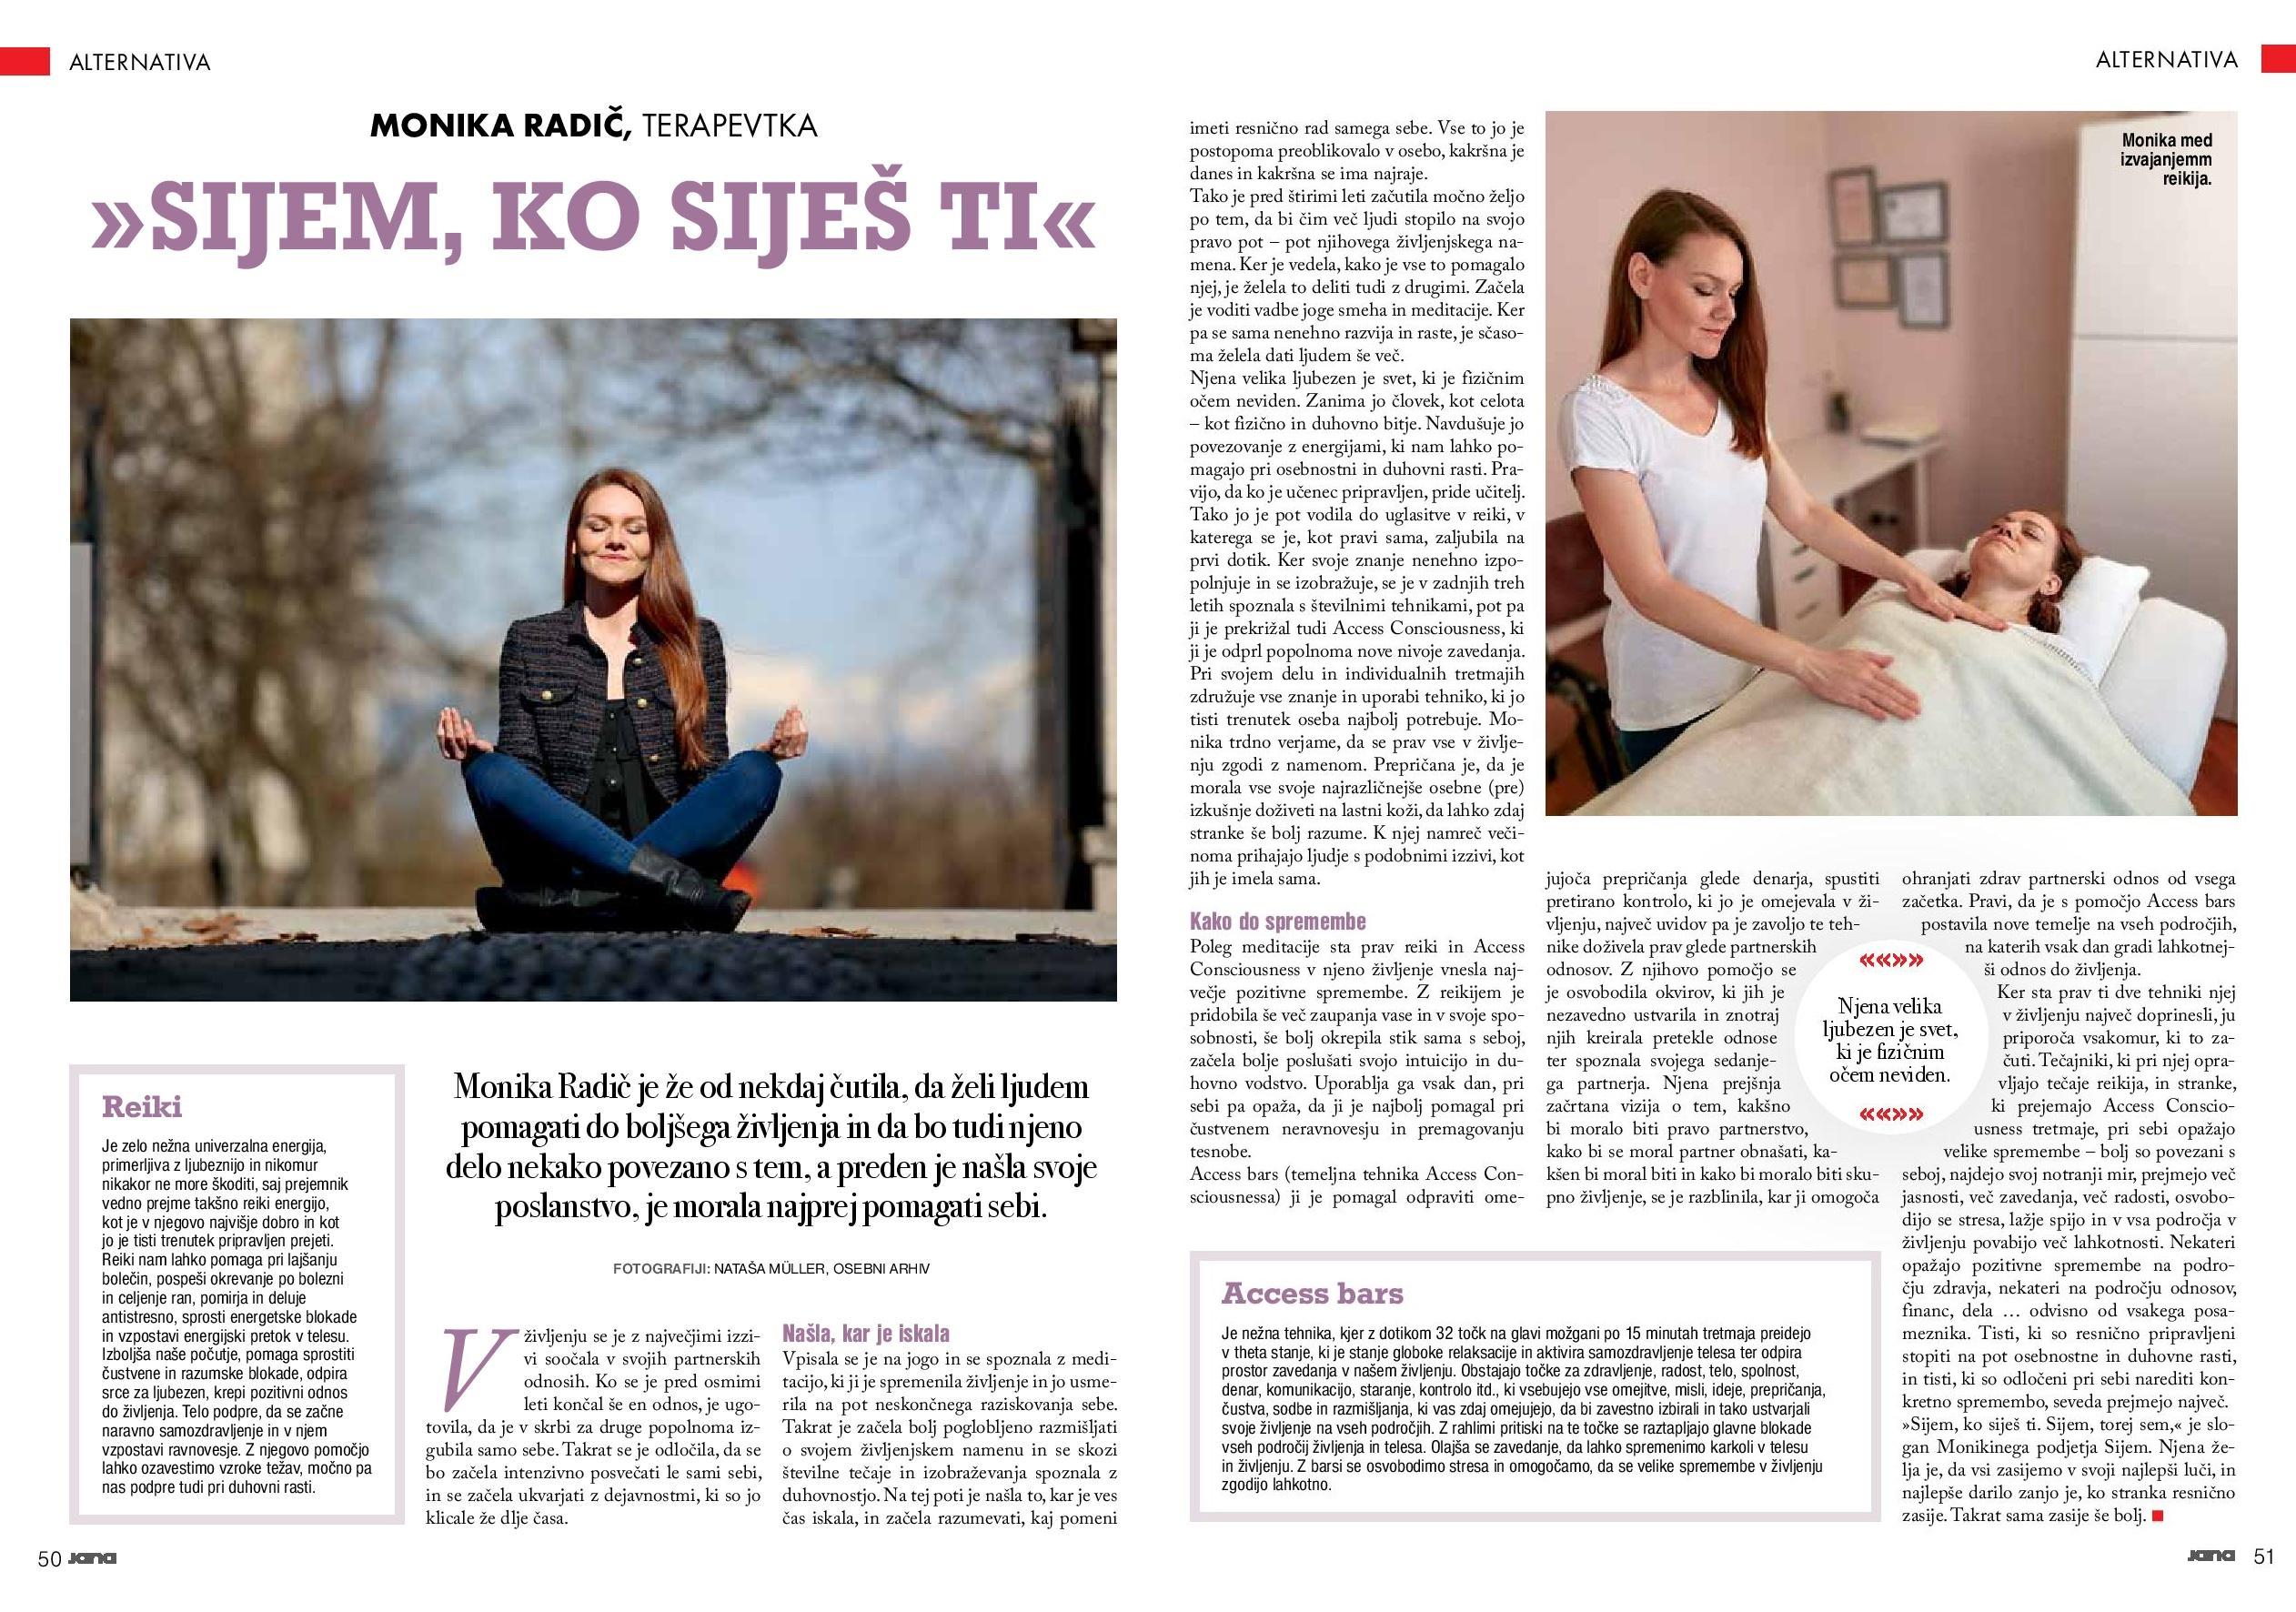 monika radič revija jana - Sijem, ko siješ ti. (Članek v reviji Jana)